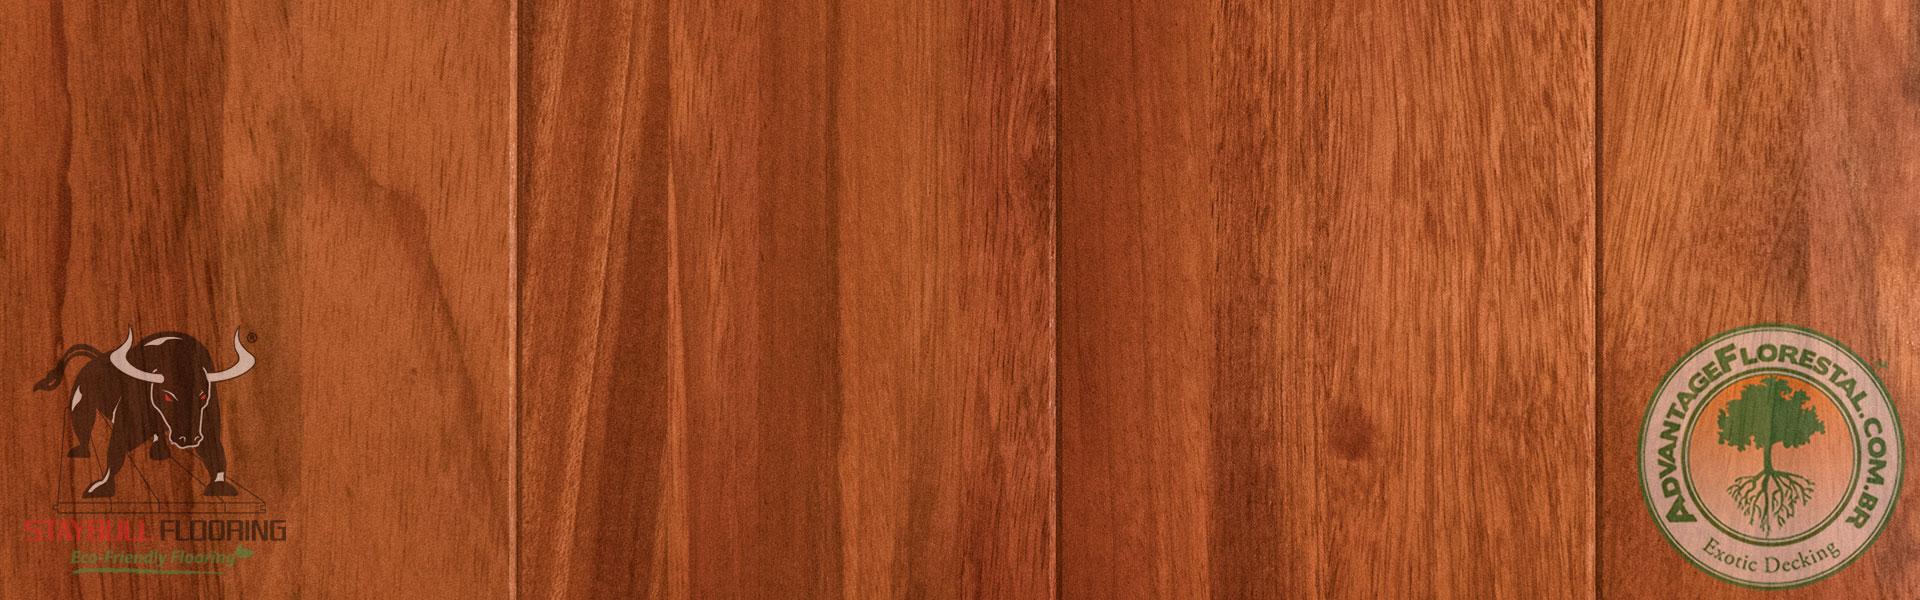 Staybull Bubinga eco-friendly exotic hardwood flooring